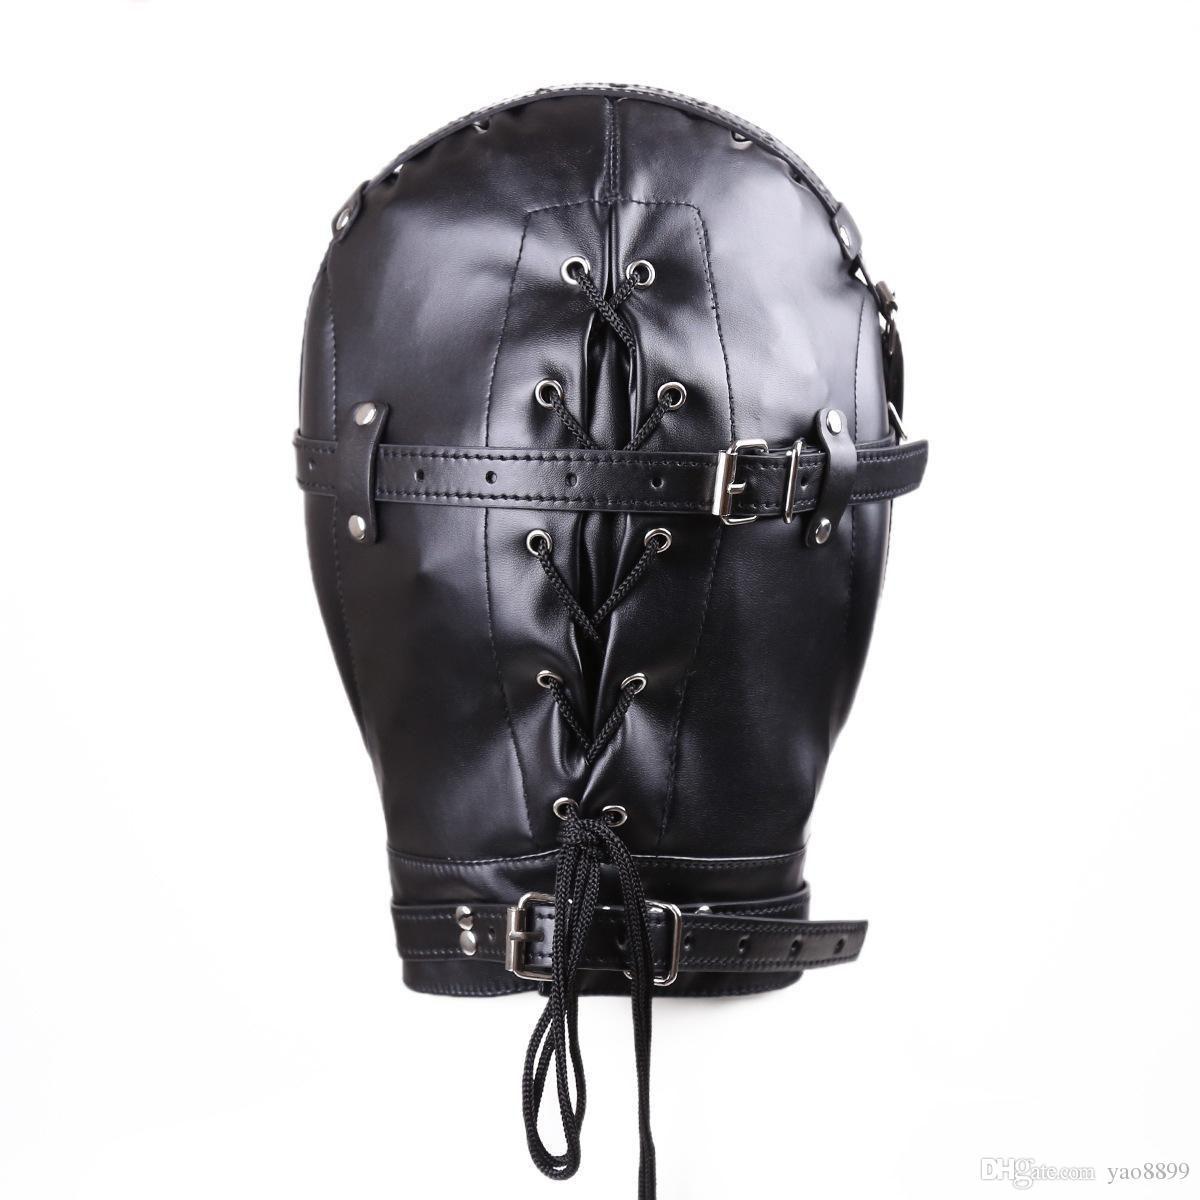 Nouveau masque d'esclavage BDSM avec bouche creuse Gag SM totalement fermé capot Sex Slave Head Hood Sex Toys pour les couples produit de sexe